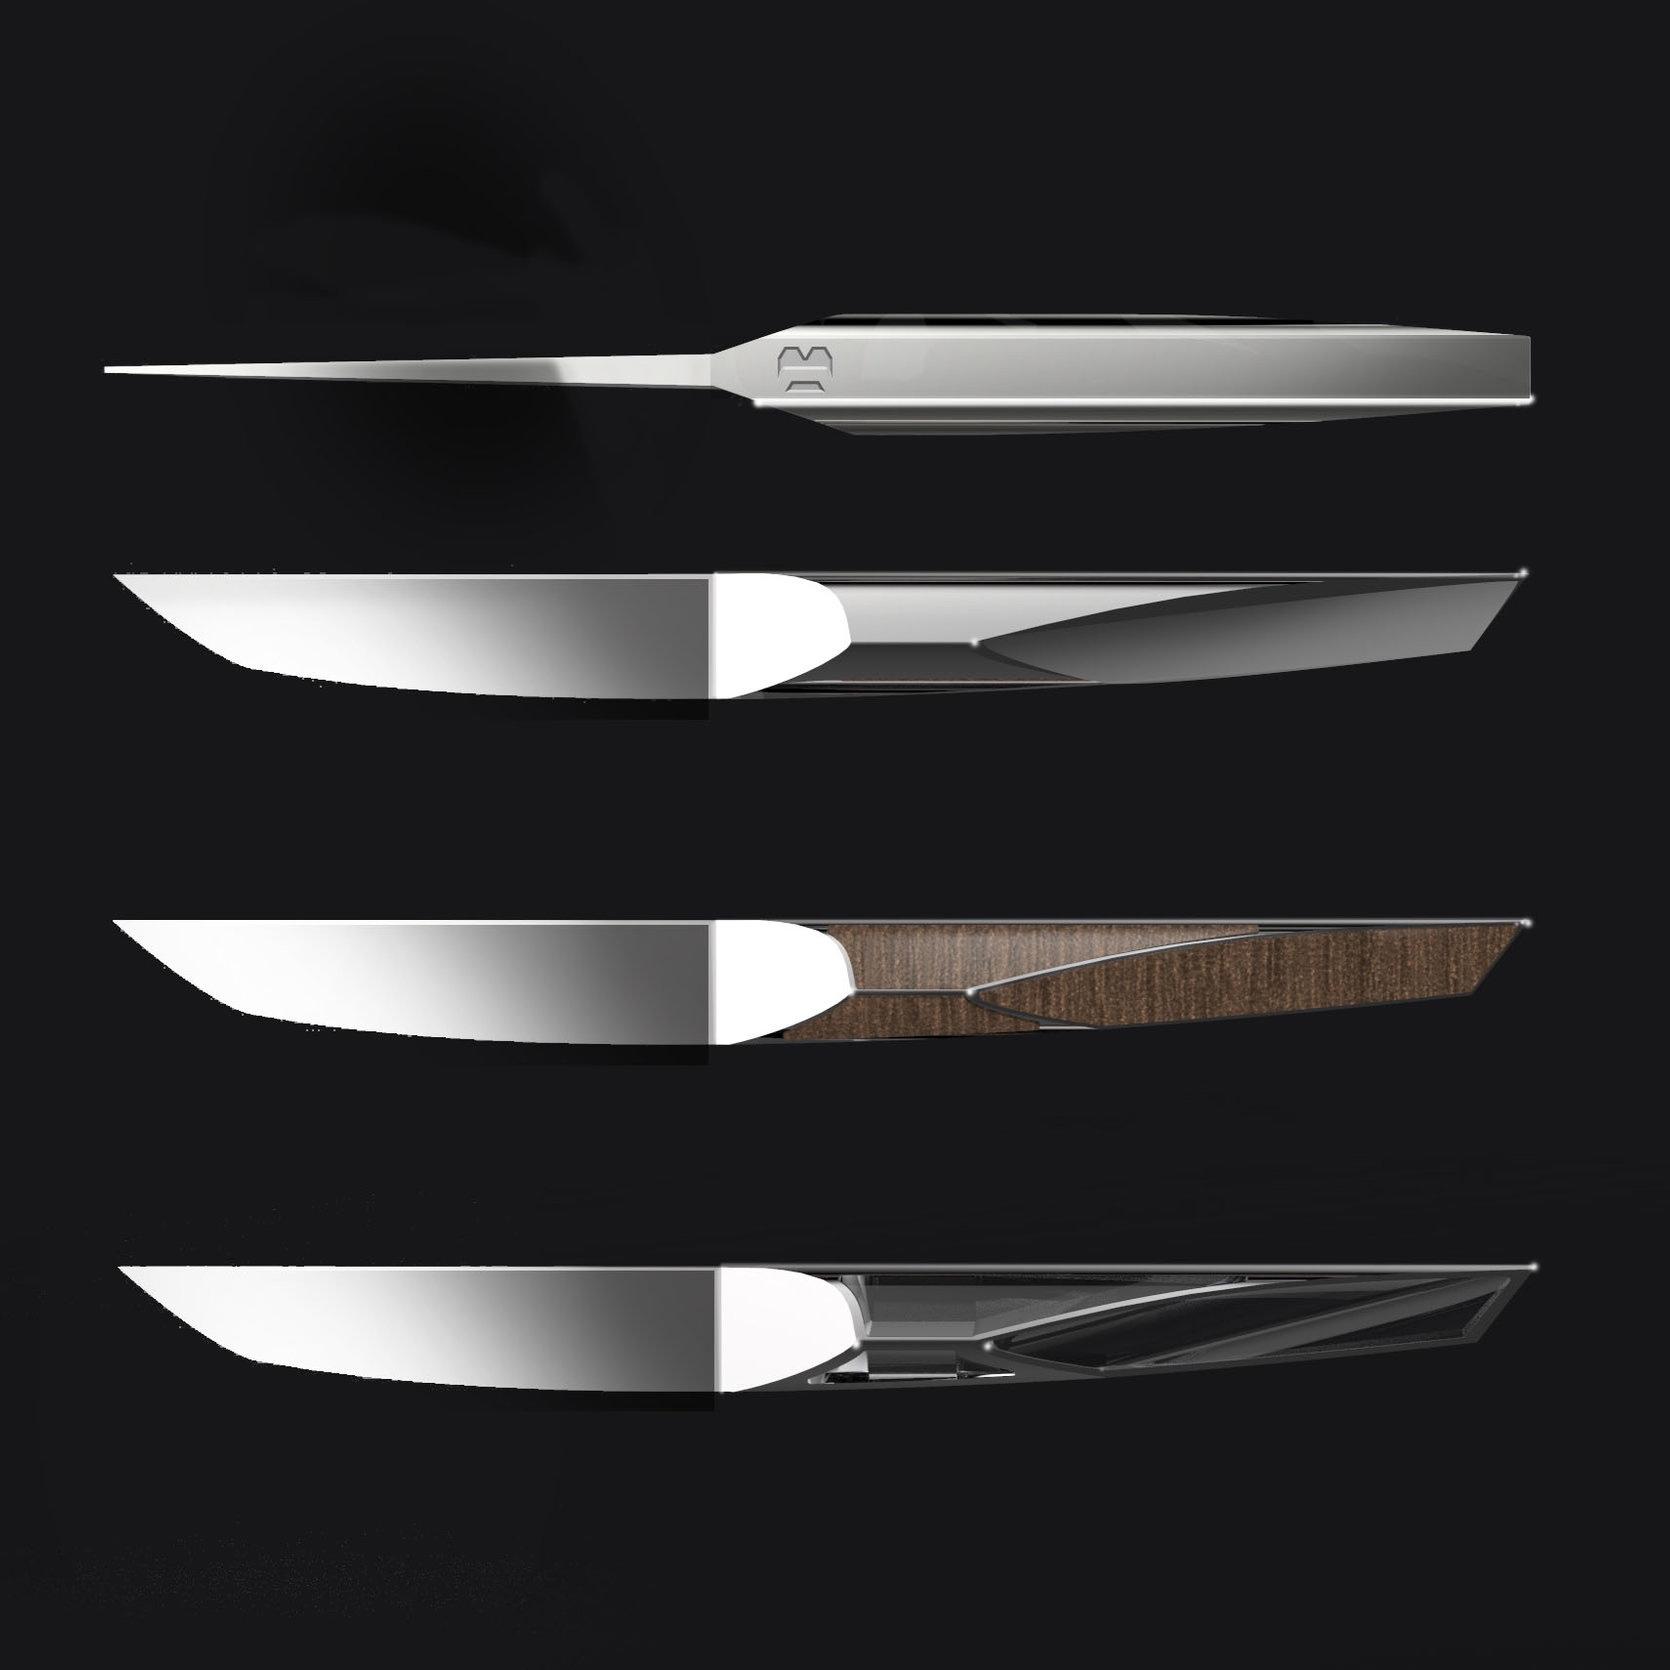 KNIFE1_Profil.jpg